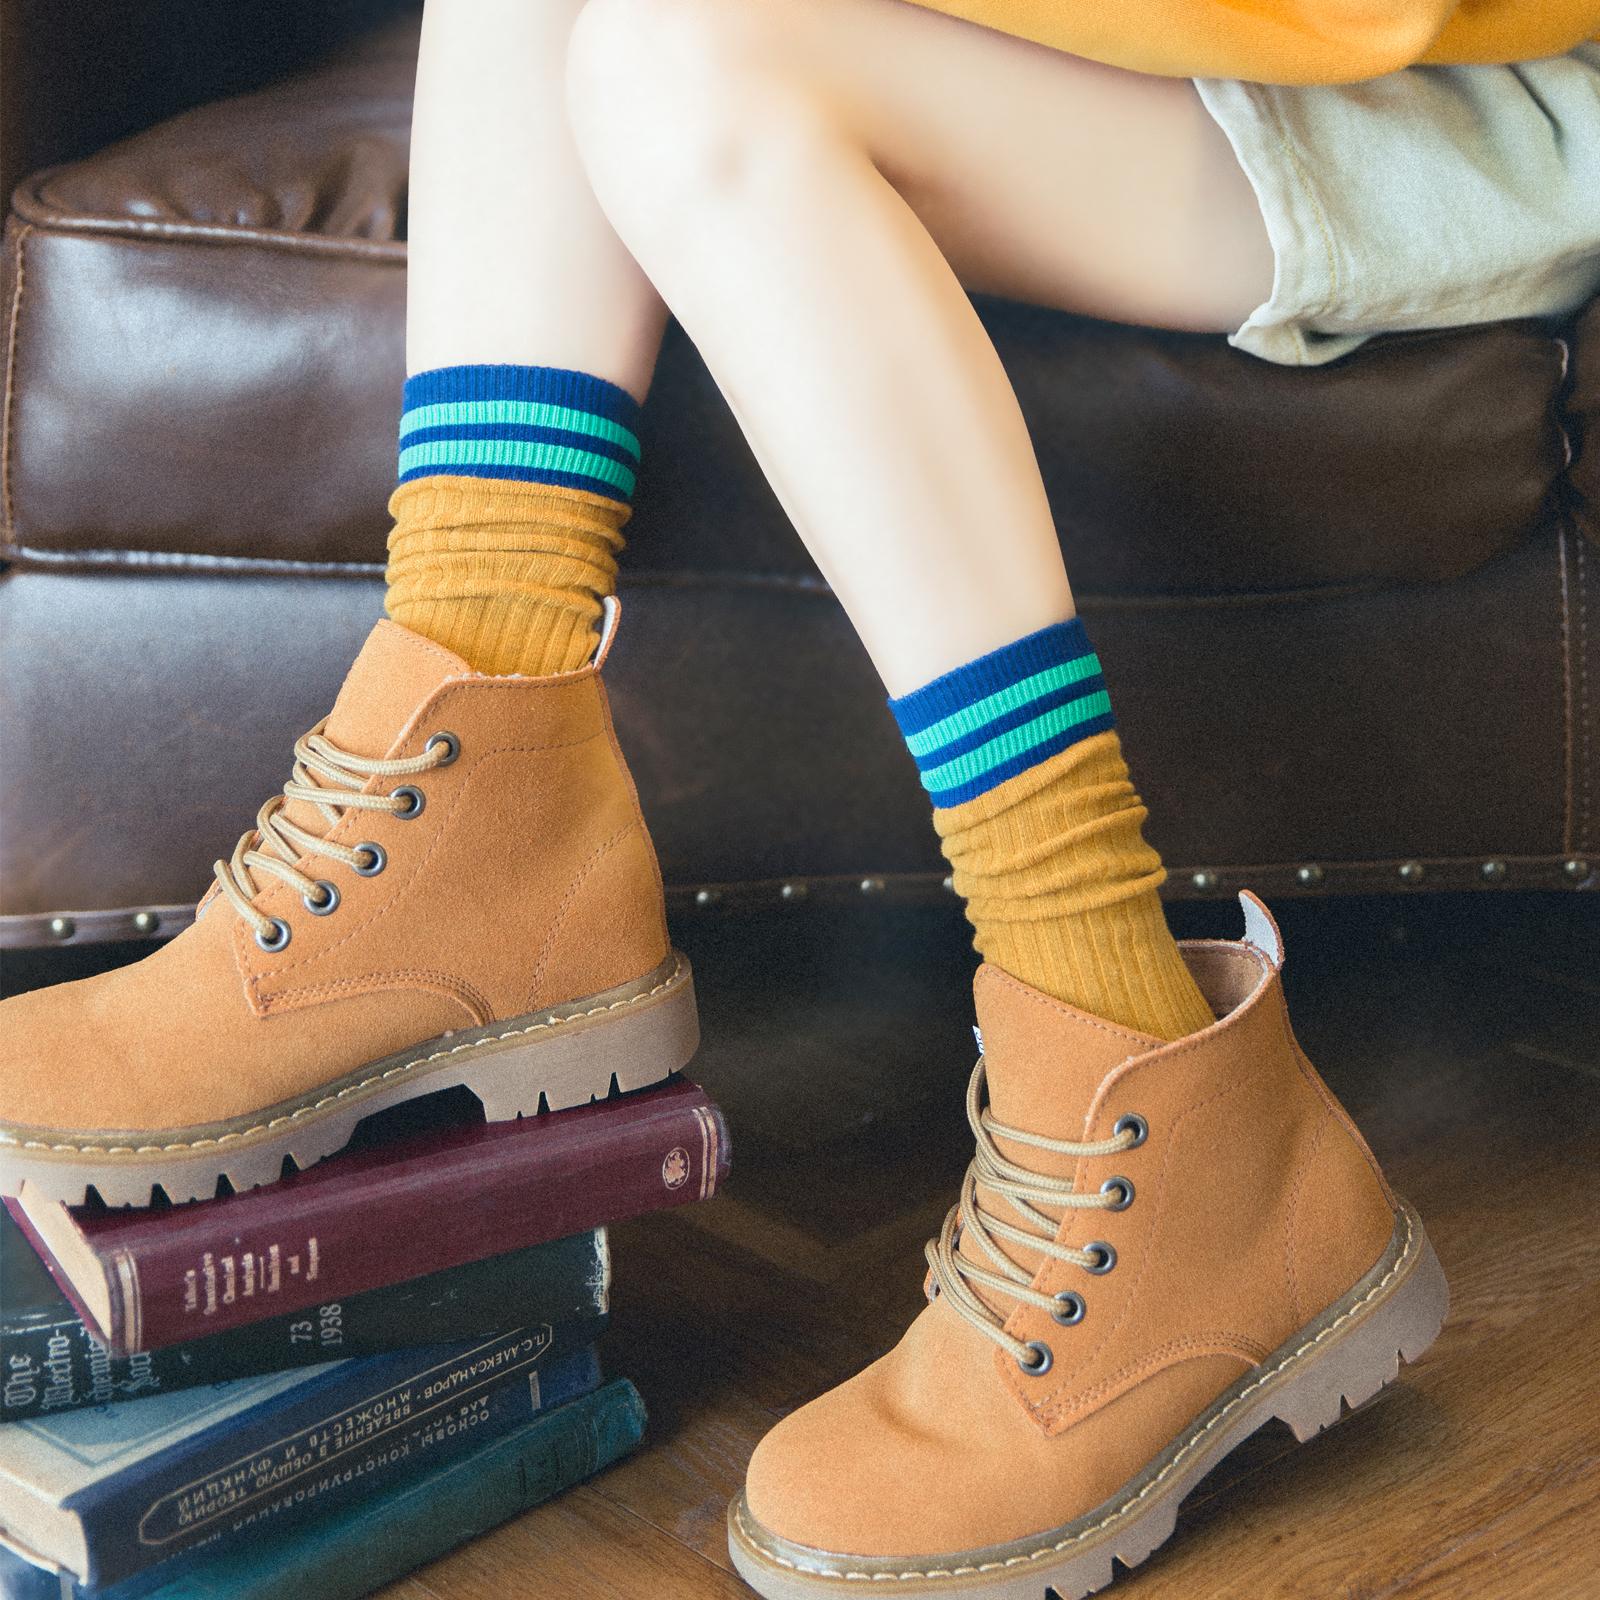 长筒袜子女中筒袜韩国日系堆堆袜韩版夏季薄款高筒条纹纯棉ins潮